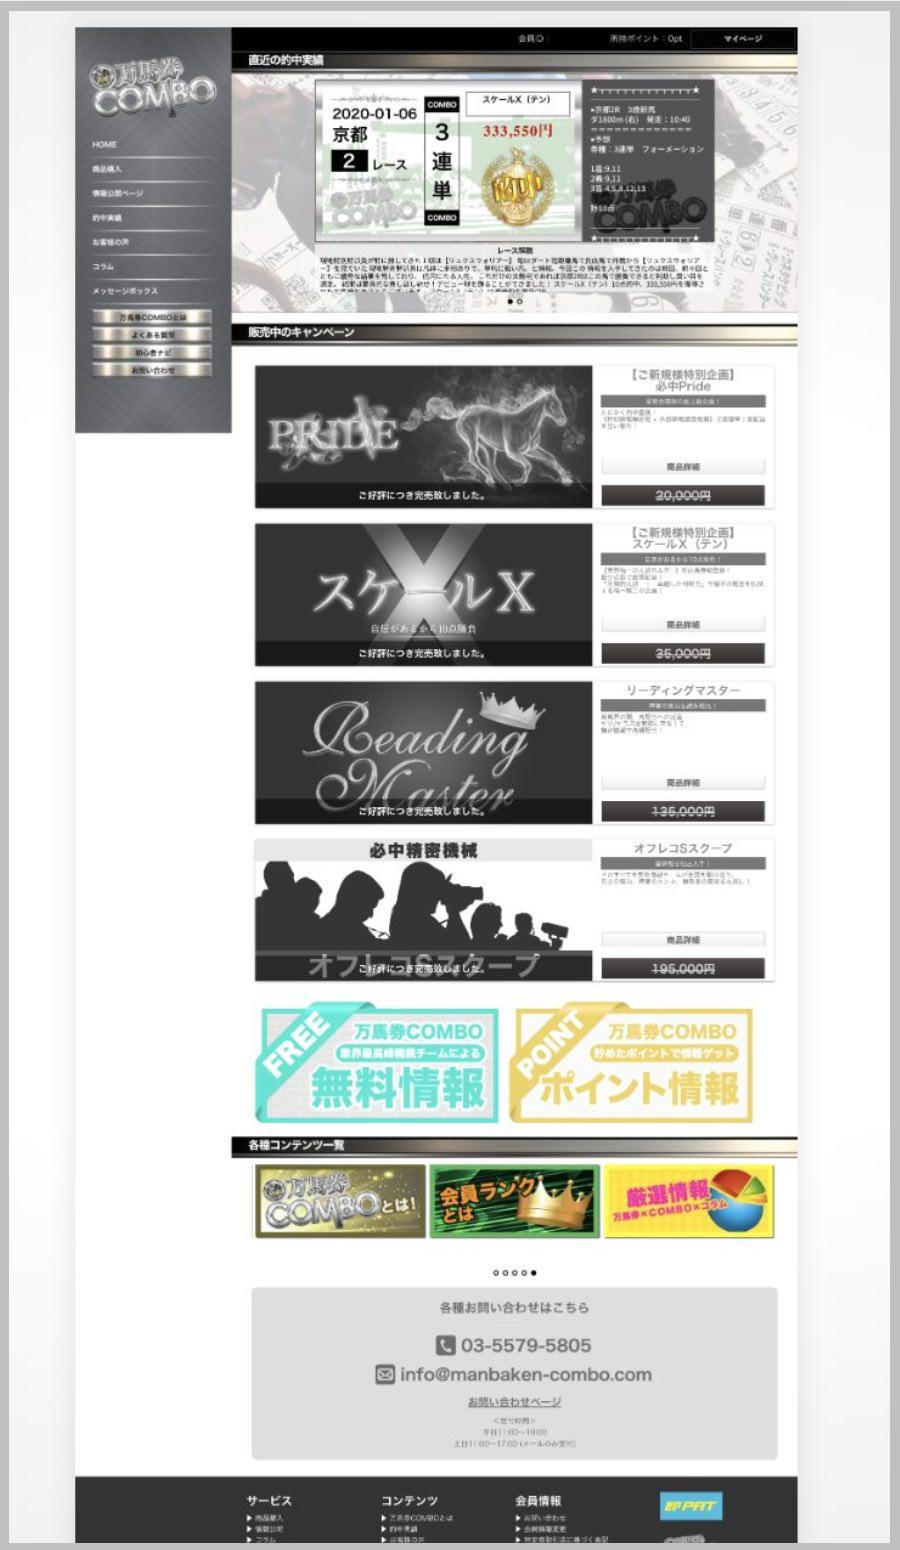 万馬券コンボ(万馬券COMBO)という競馬予想サイトの会員ページ